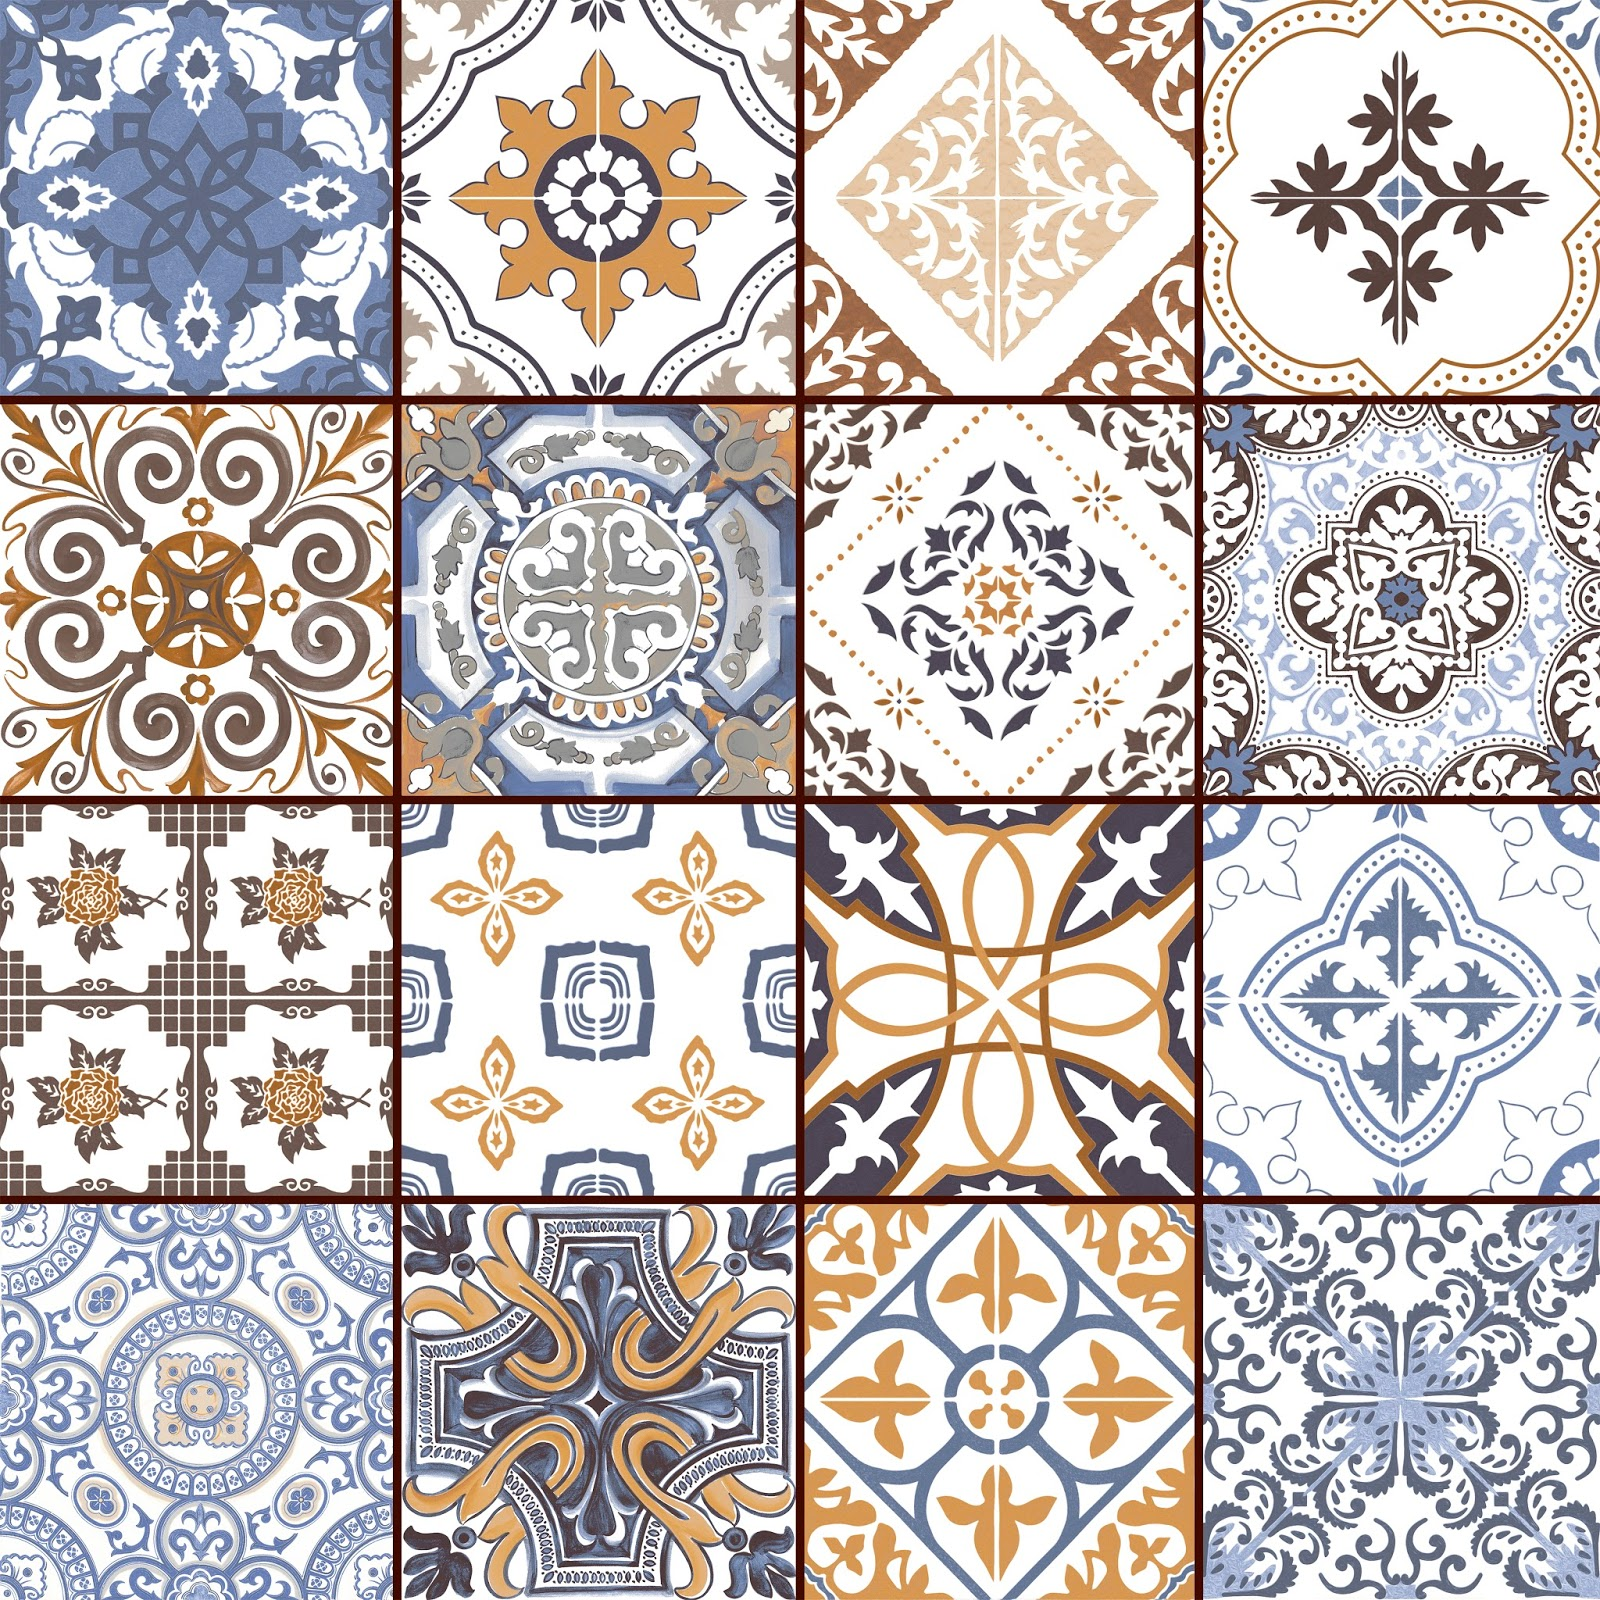 ARQUITETANDO Detalhes Revisitando o ladrilho e azulejo